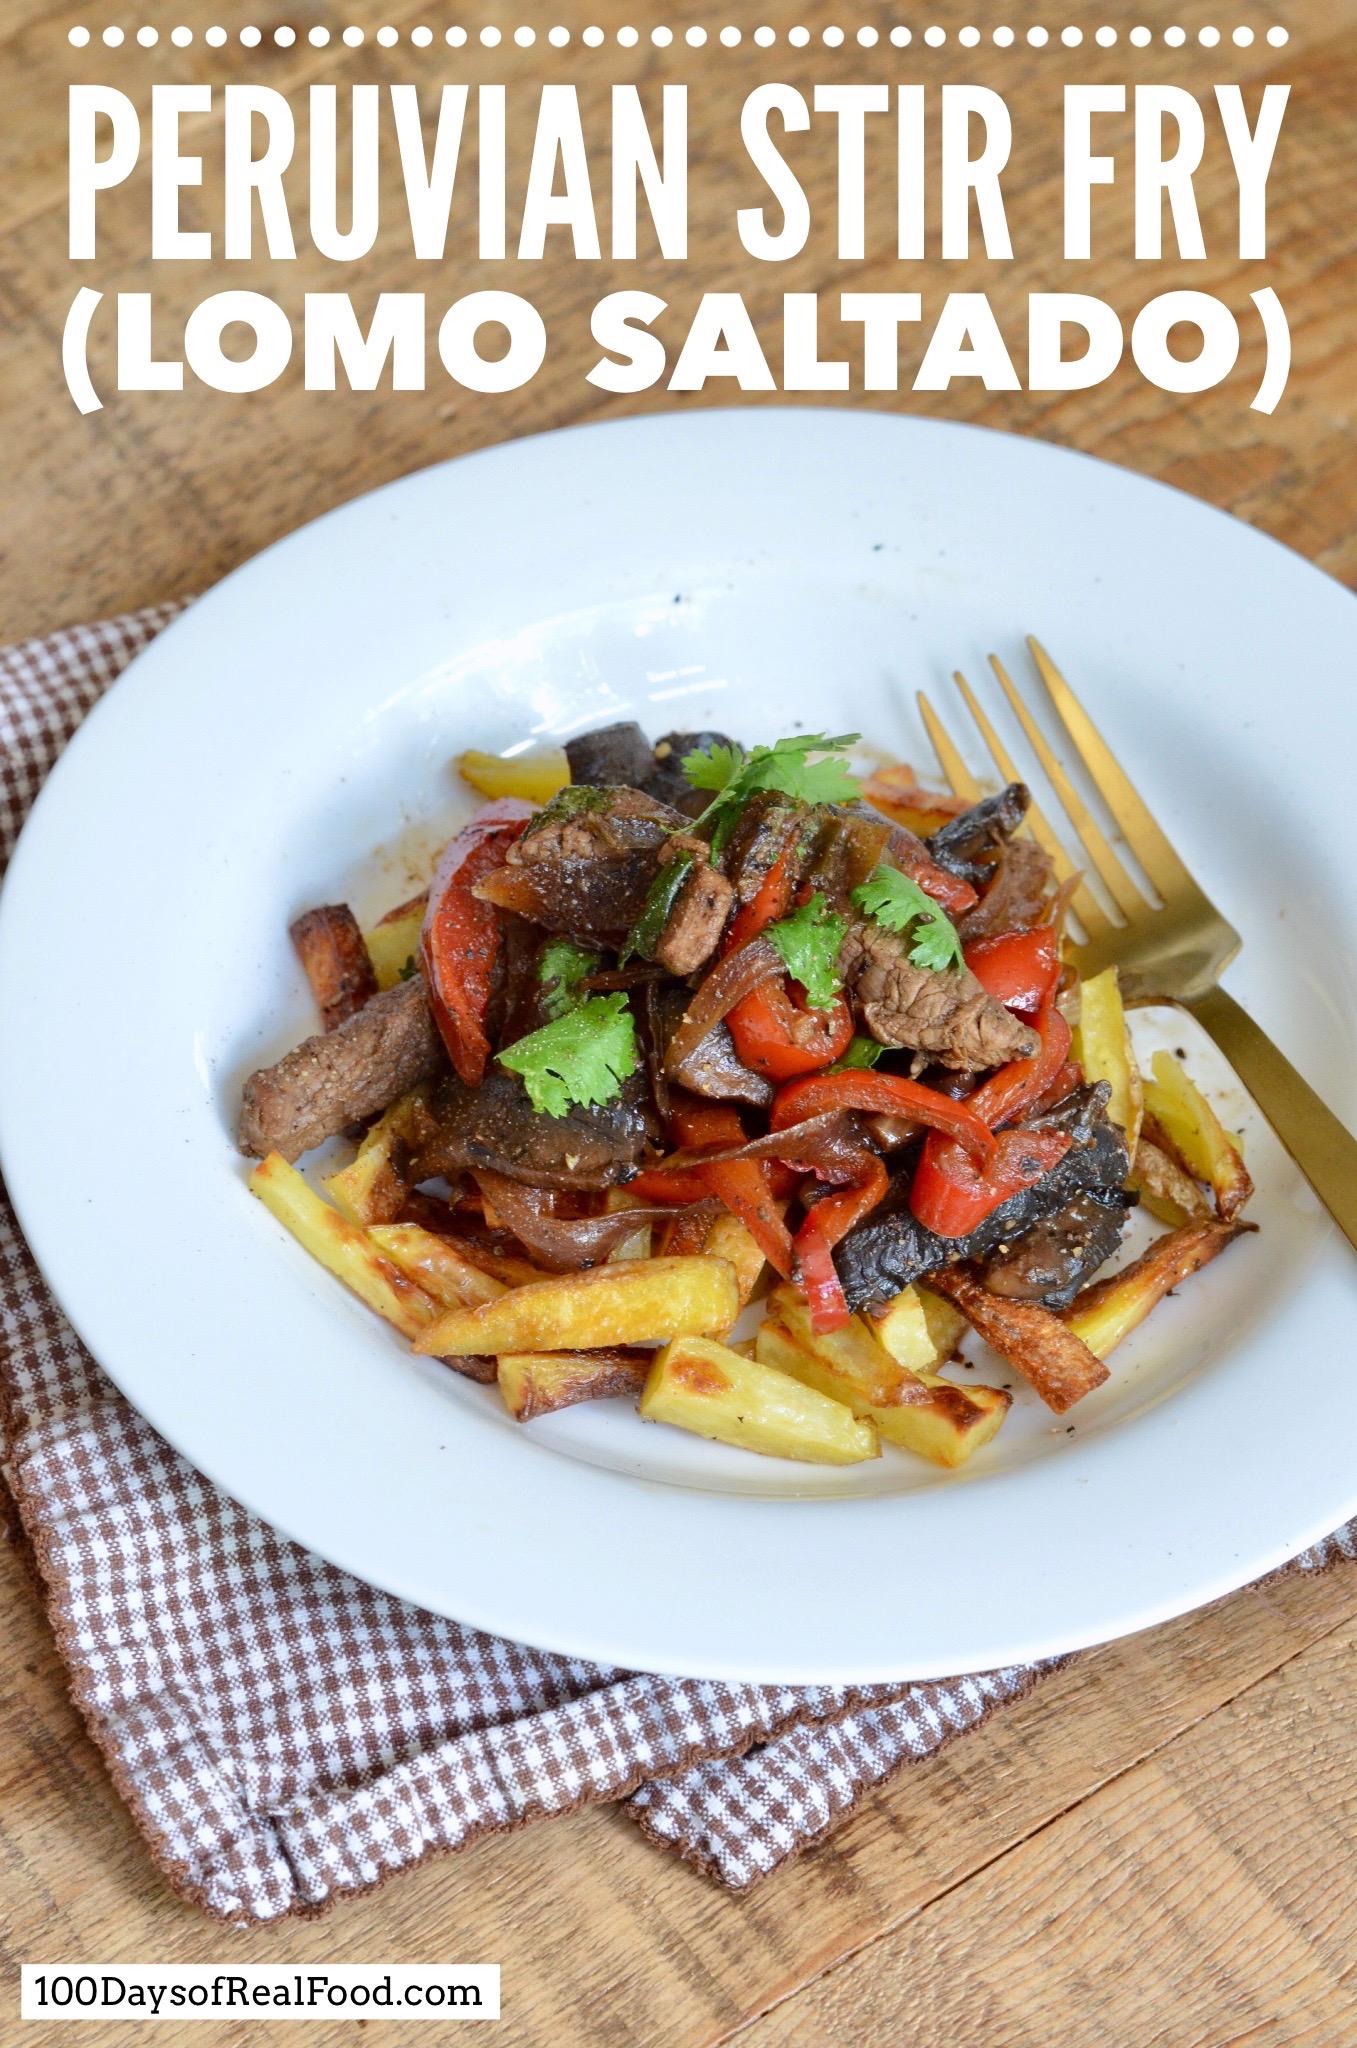 Peruvian Stir Fry (Lomo Saltado) on 100 Days of Real Food